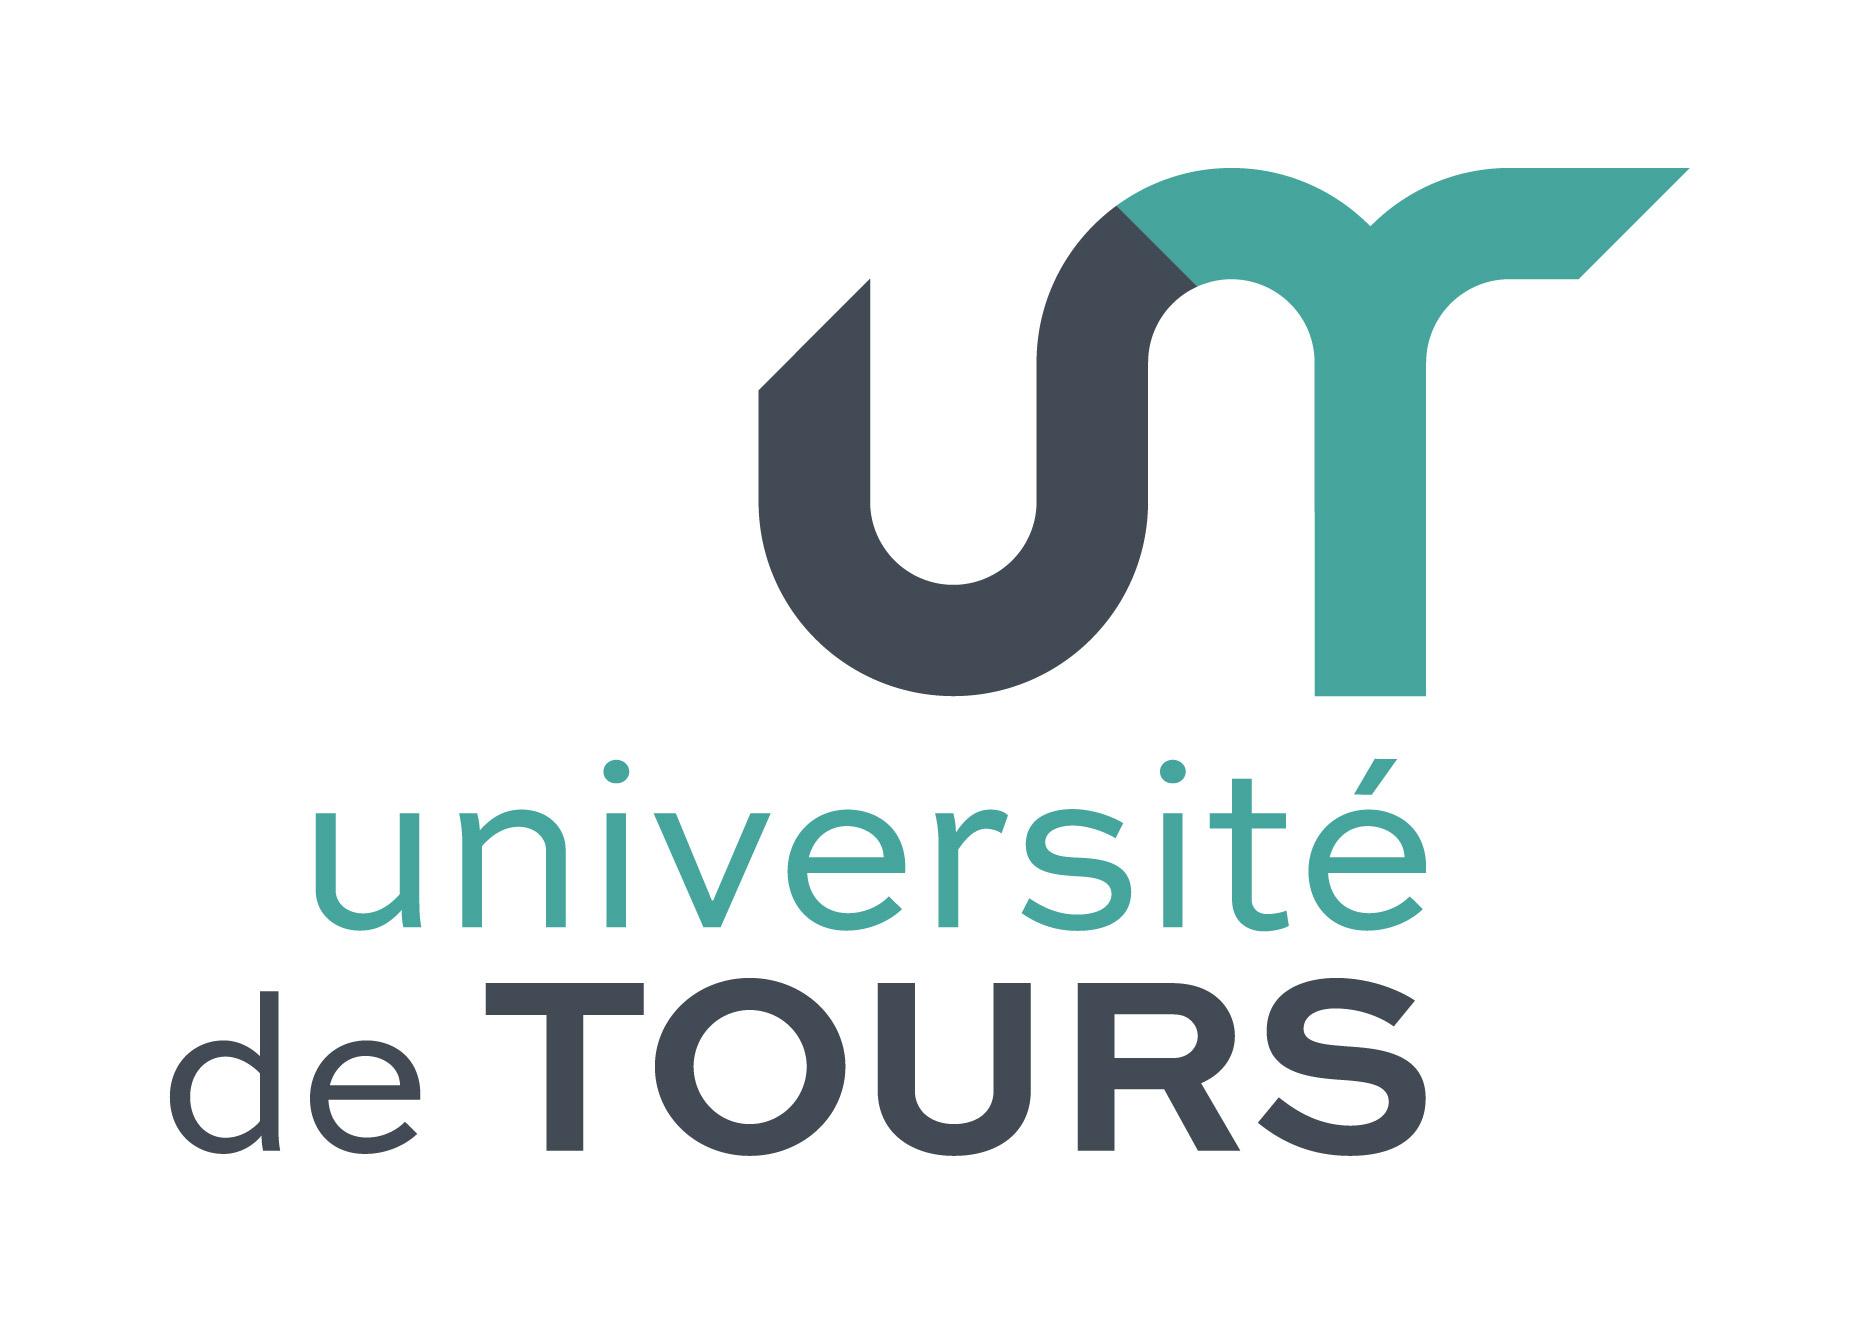 univtours_logo_vertical.jpg